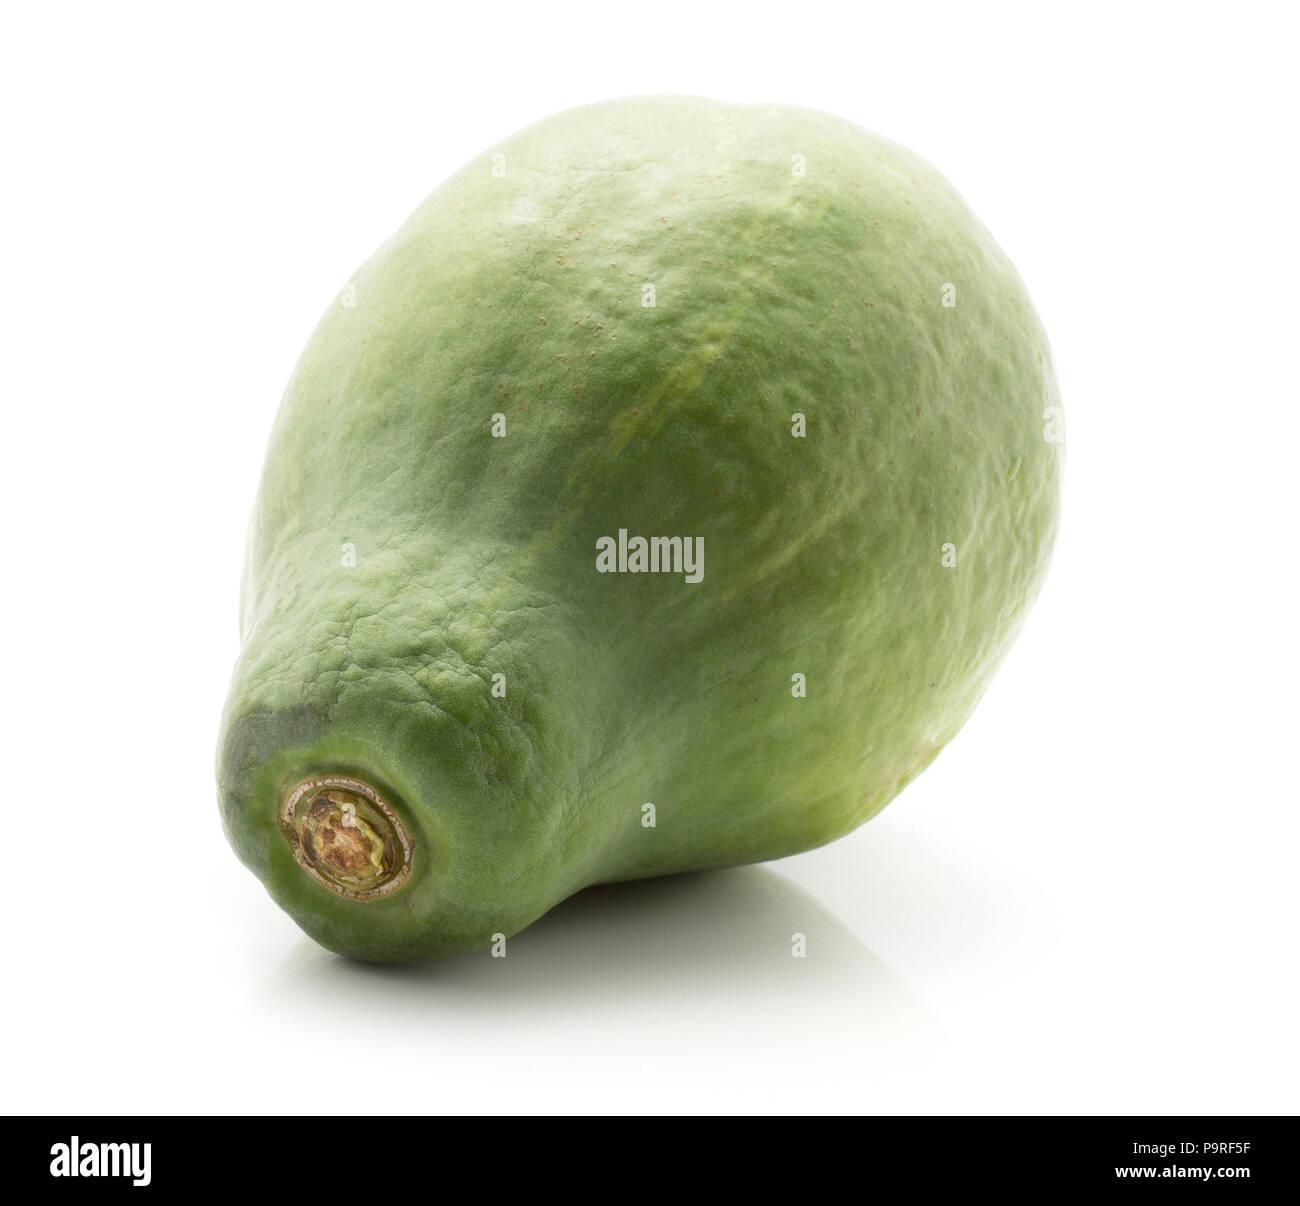 Uno de papaya verde (papaya papaw) aislado sobre fondo blanco. Foto de stock